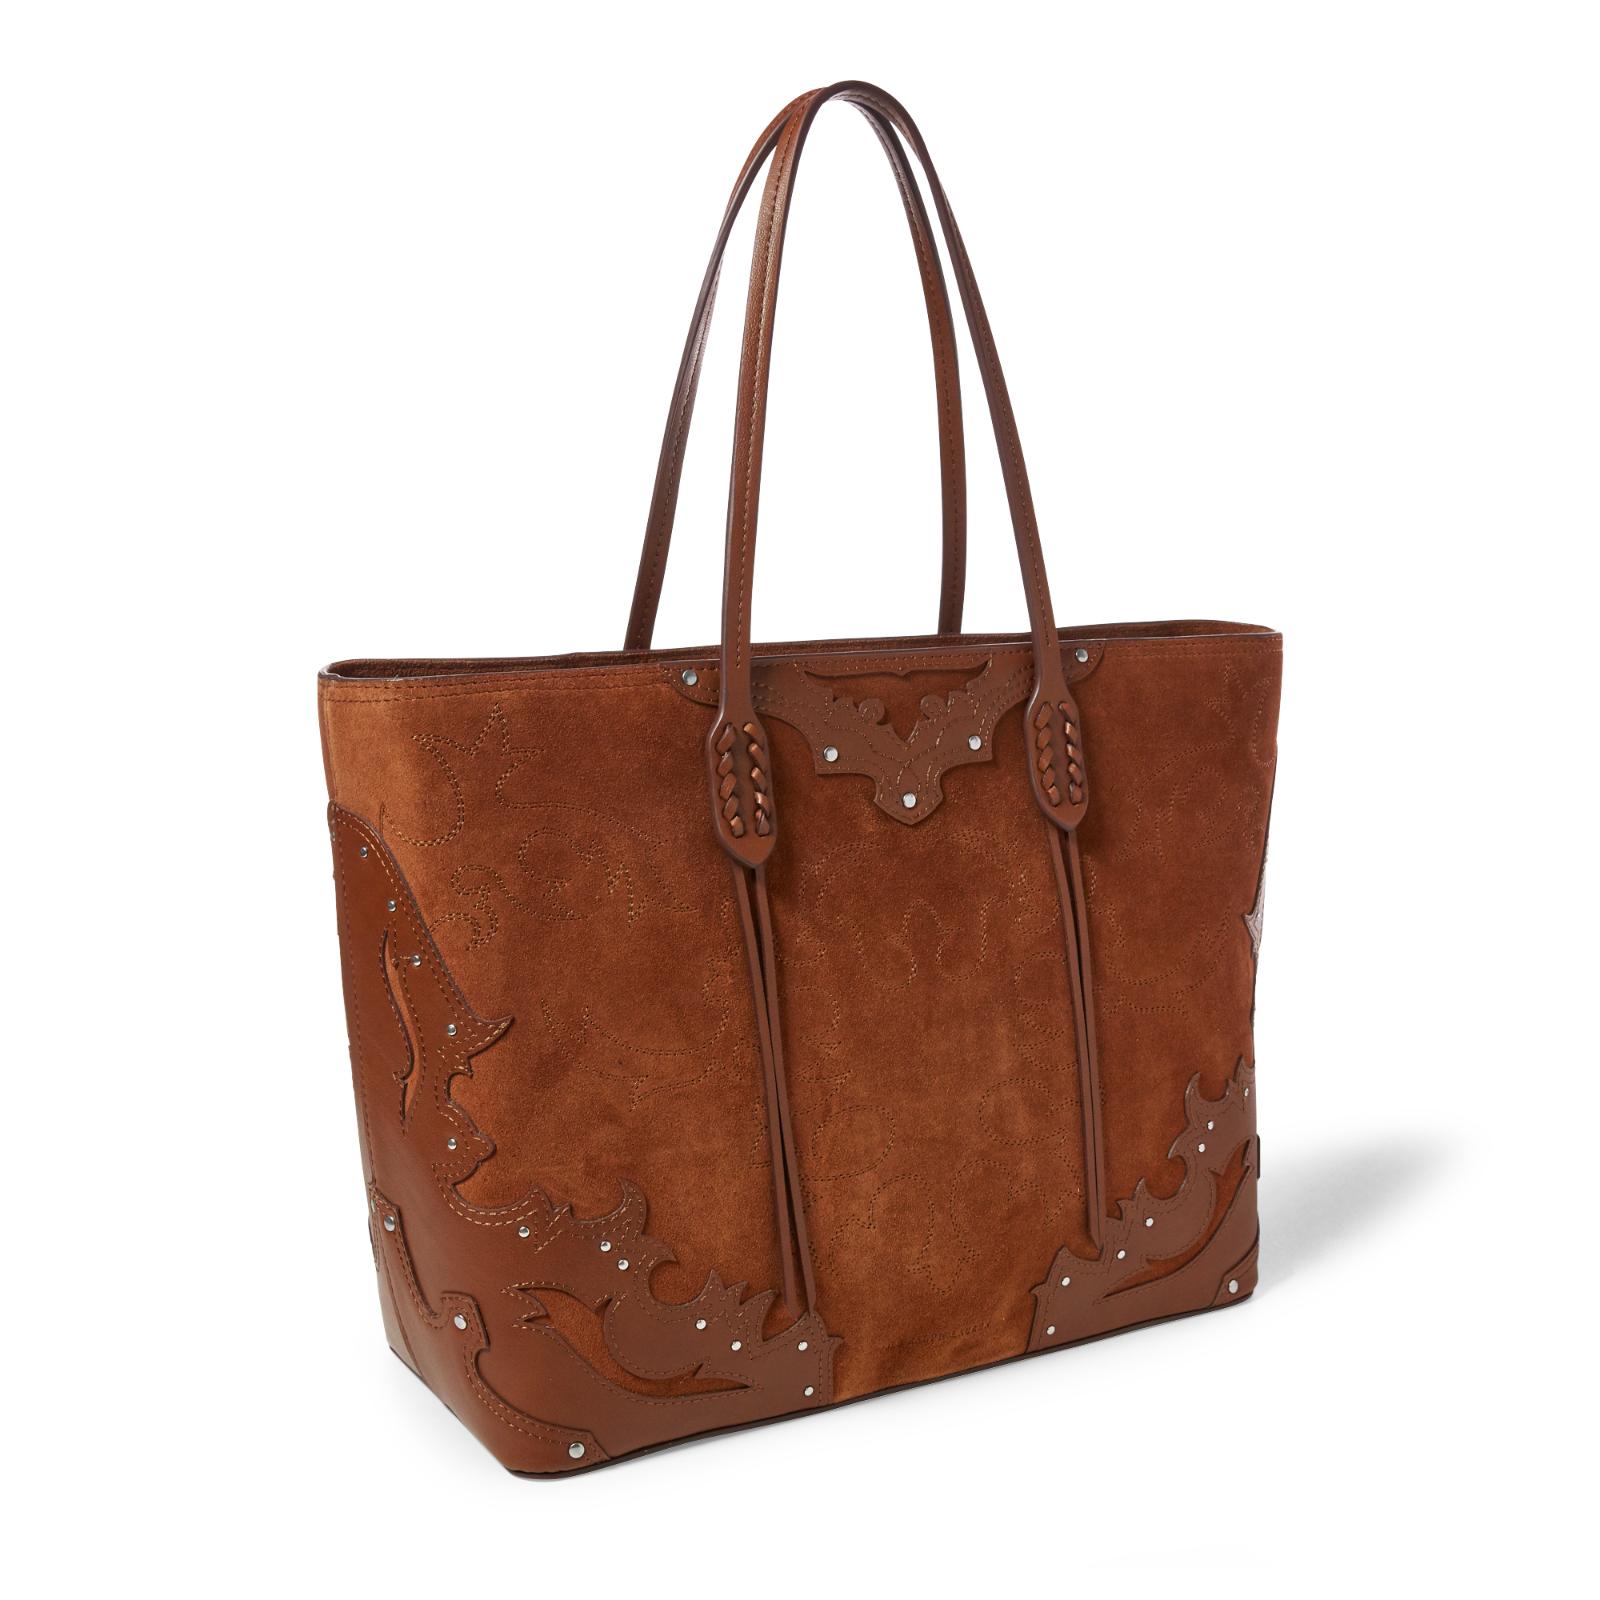 f722234fb791 165.00   Polo Ralph Lauren Womens Embroidered Zip Tote Suede Leather  Shoulder Bucket Bag ❤ #lauren #womens #embroidered #leather #shoulder  #bucket ...